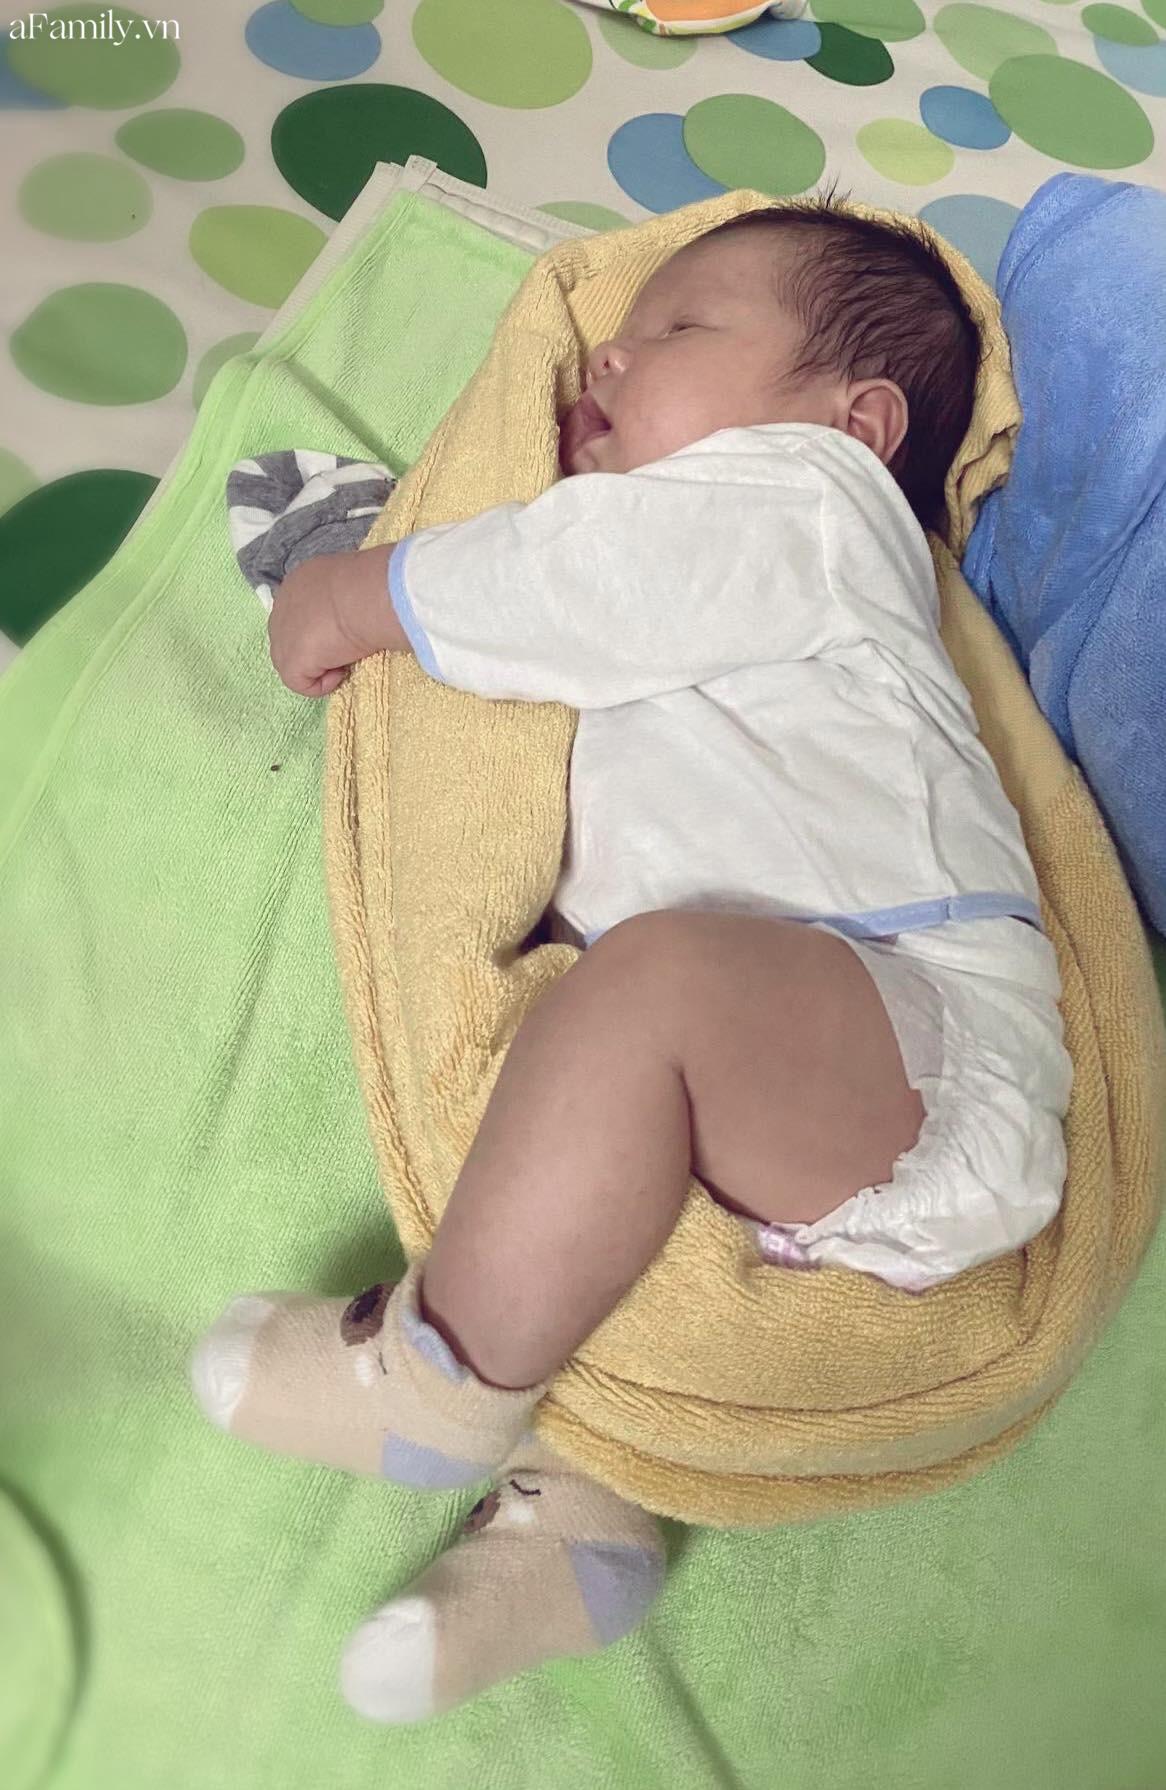 Khoe ảnh con ngủ, mẹ trẻ khiến cả loạt mẹ bỉm sữa rào rào nhận Đúng con mình đây rồi! vì 1 điểm quá giống - Ảnh 4